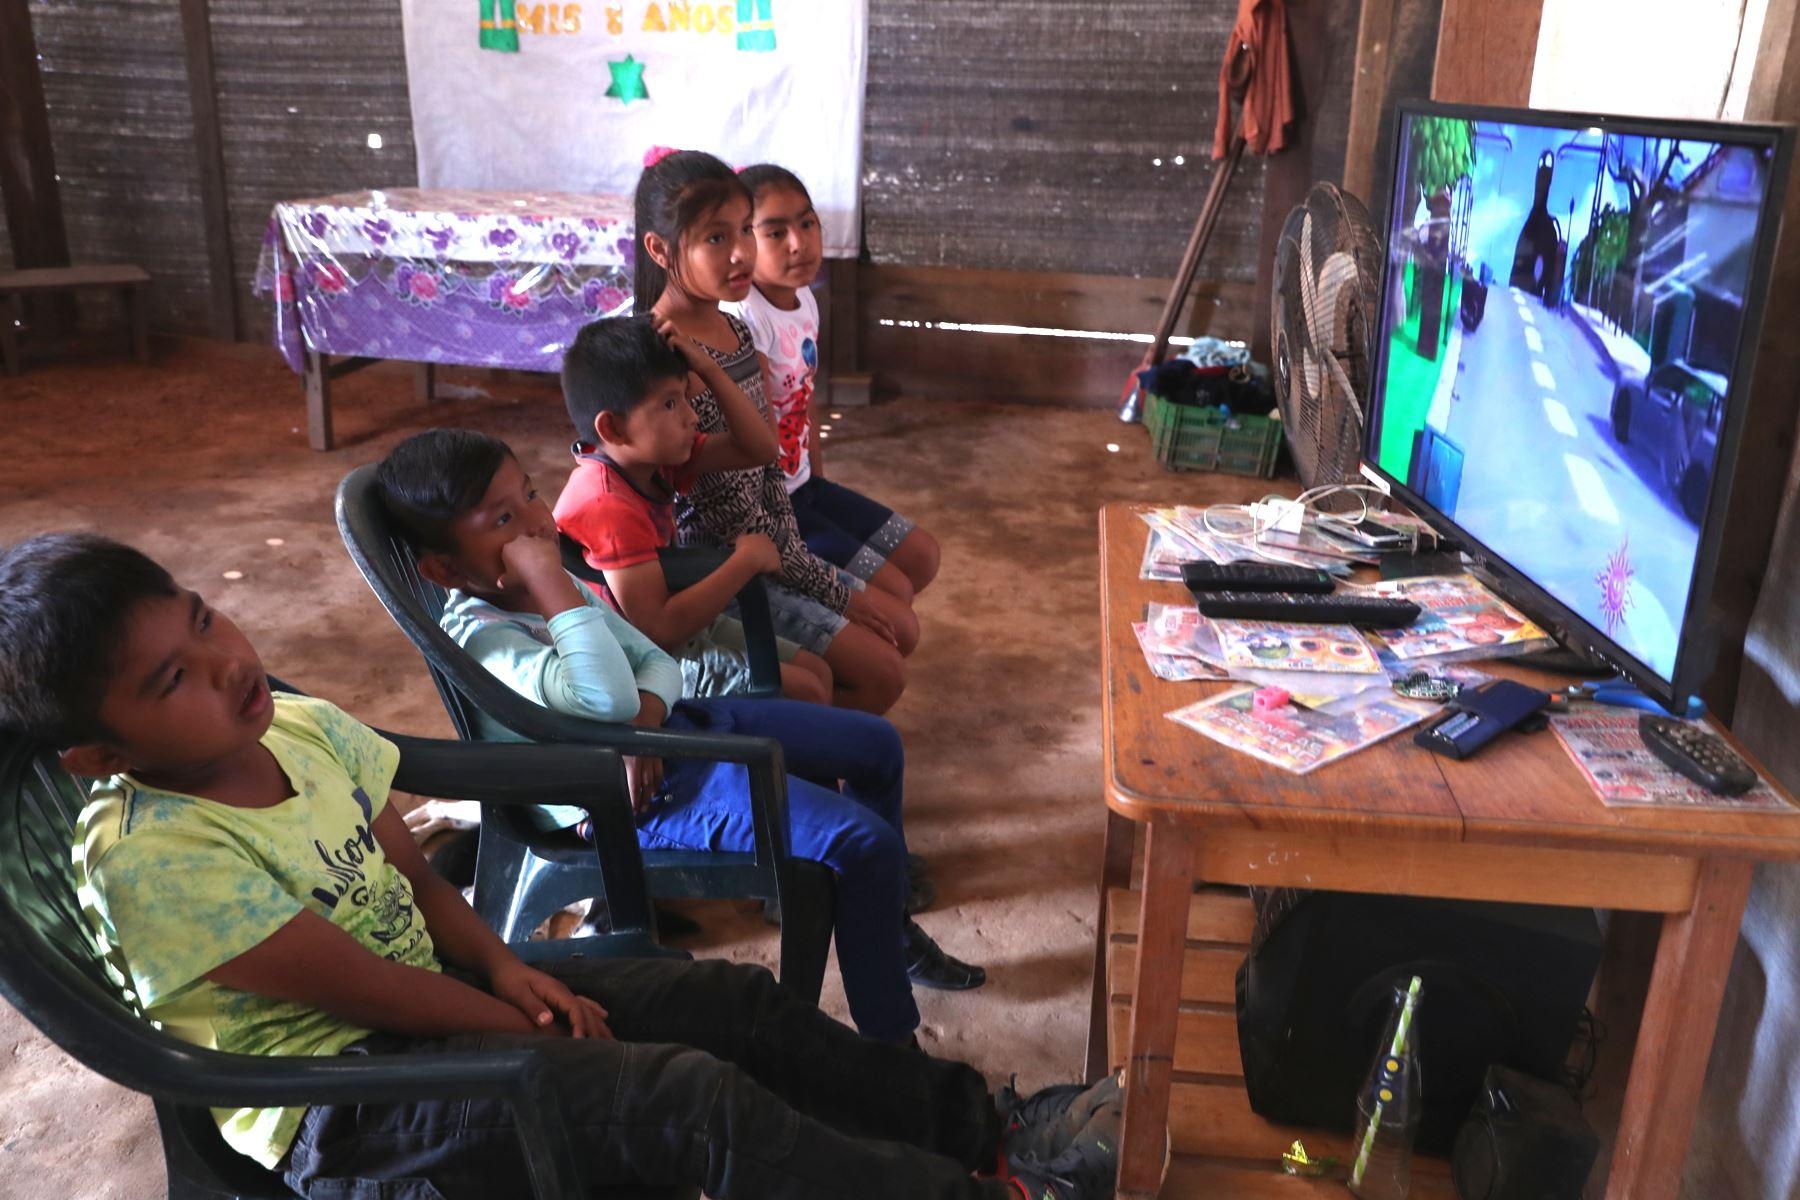 Niños y adolescentes peruanos prefieren la TV e internet. Foto: ANDINA/archivo.